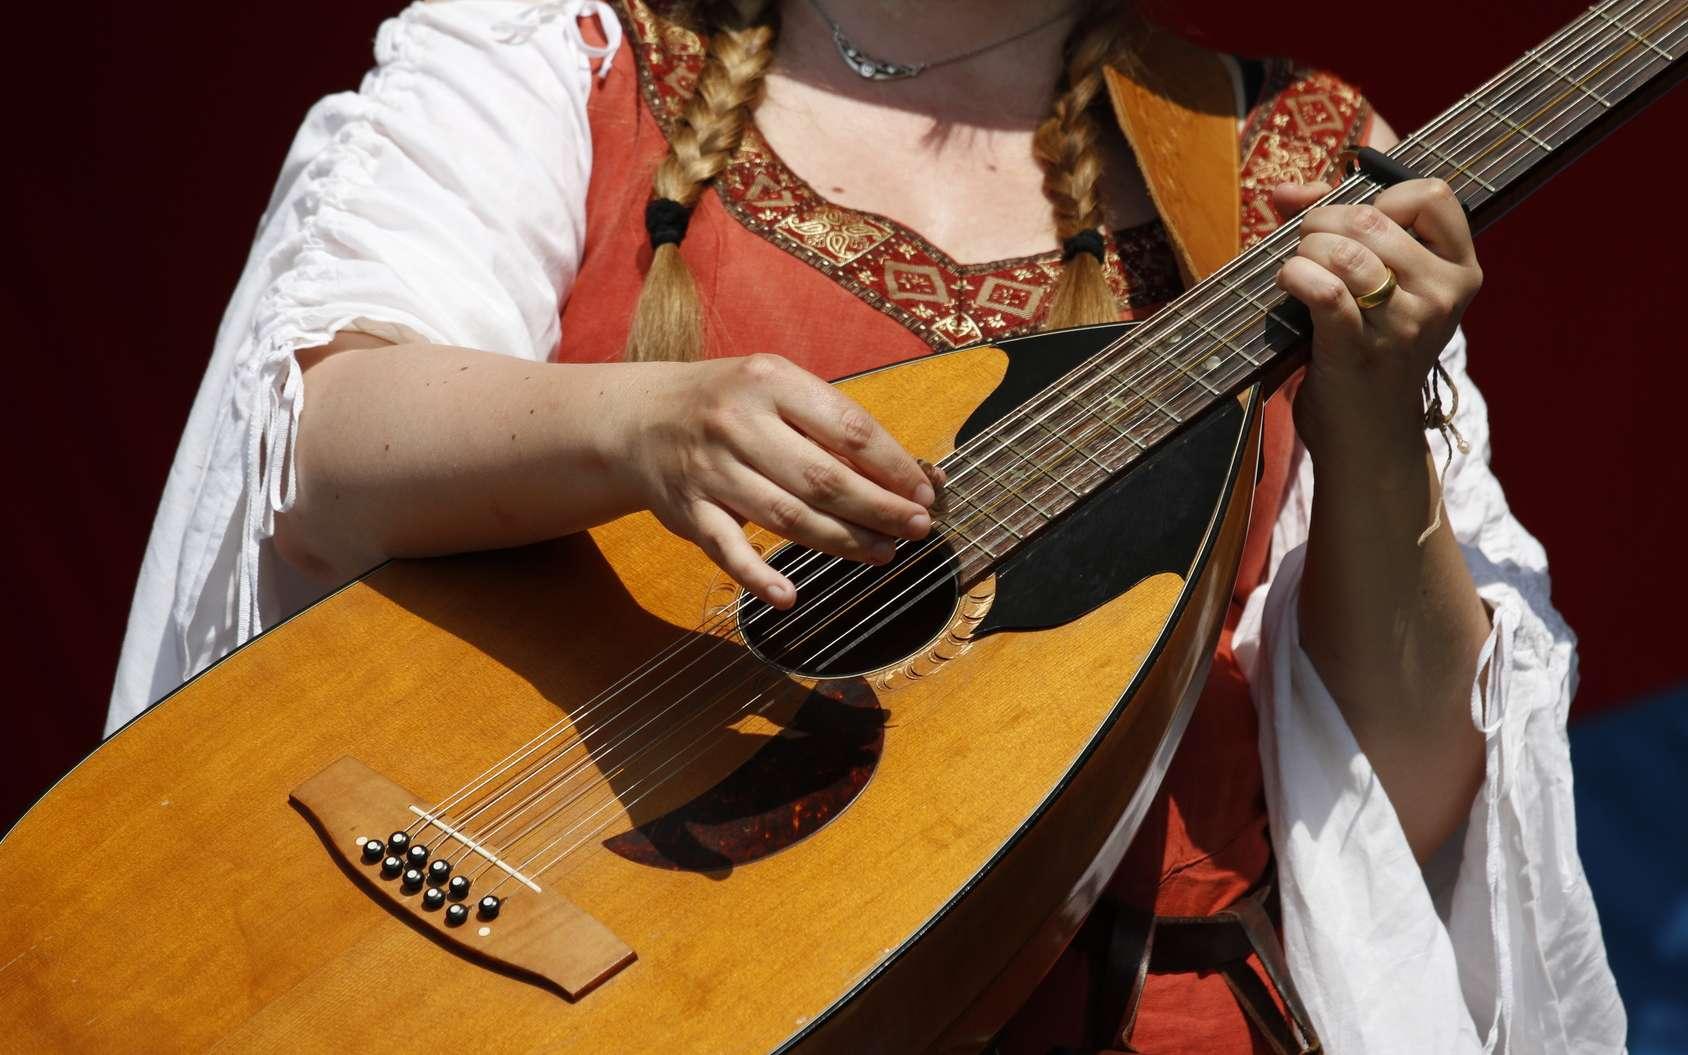 À quoi ressemblait la musique au Moyen Âge? © Antje Lindert-Rottke, fotolia